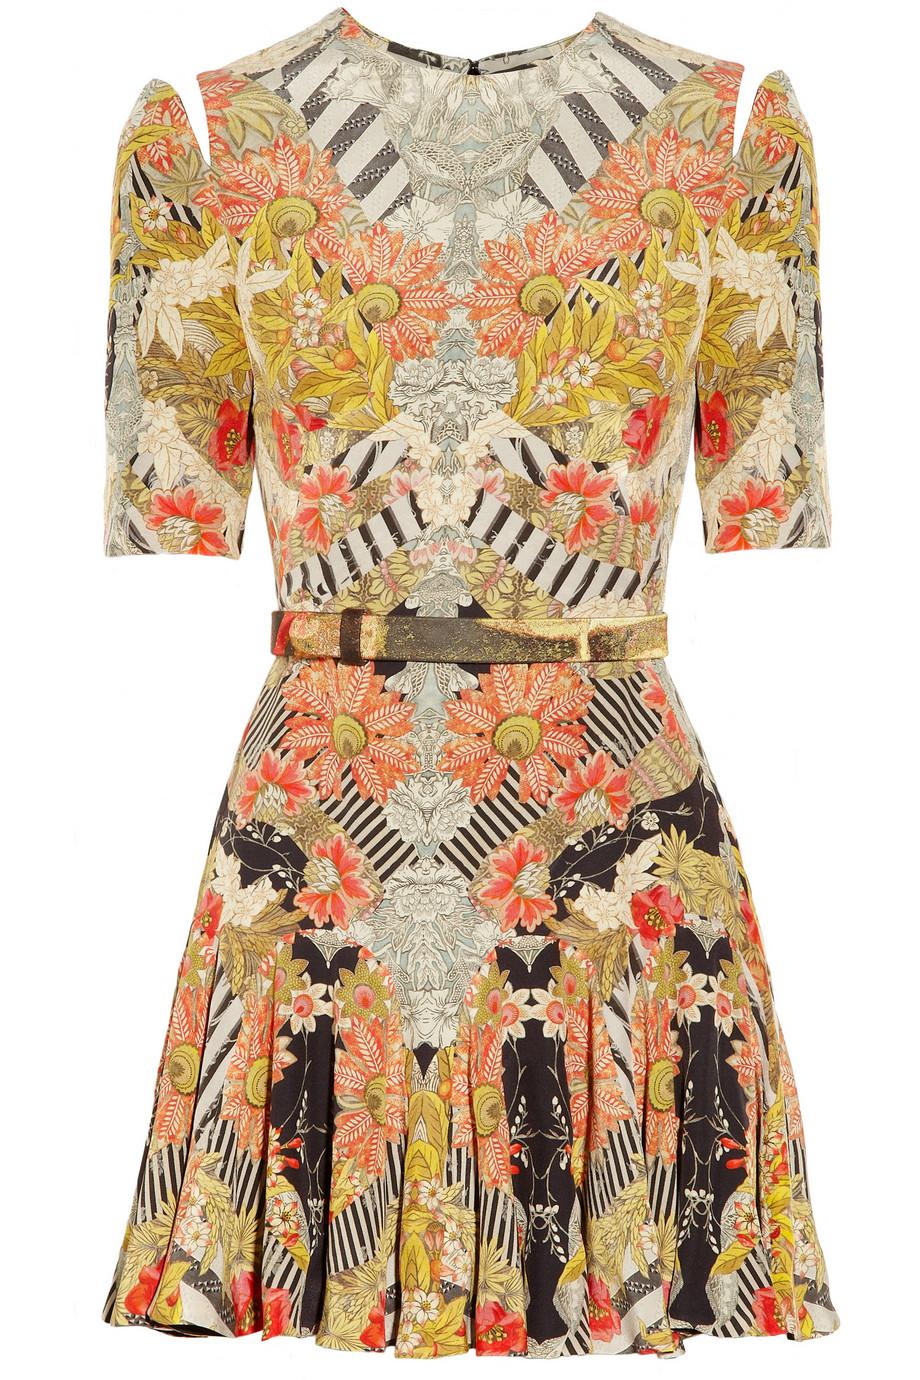 Printed silk dress | Alexander McQueen | 75% off | THE OUTNET